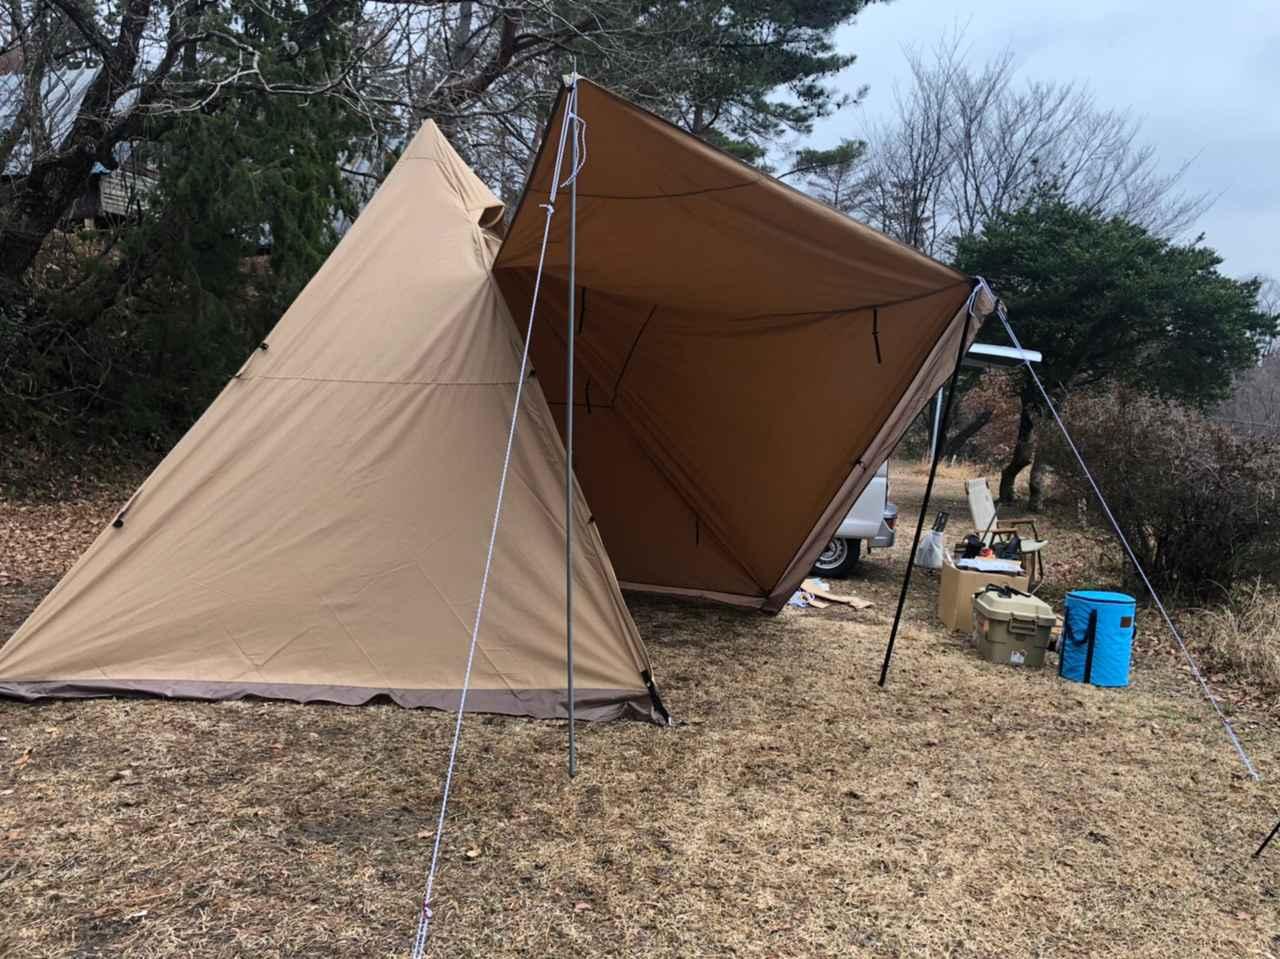 画像: 万能テント「サーカスTC DX」を実際に使ってみてわかった5つのポイントを徹底解説 - ハピキャン|キャンプ・アウトドア情報メディア